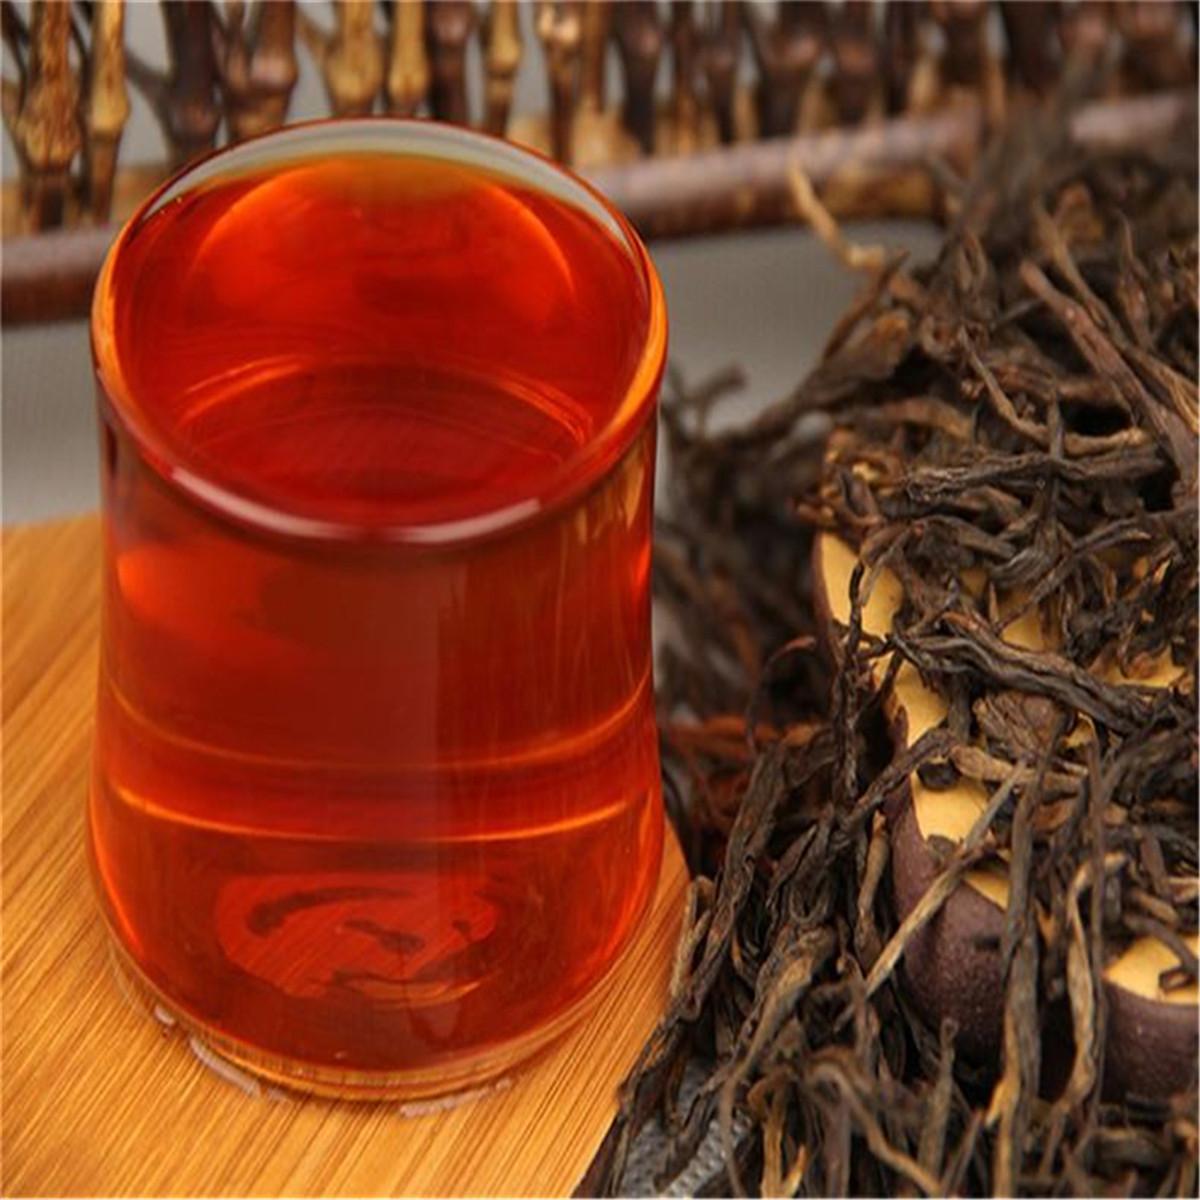 Las ventas calientes regalos té de China Yunnan Dianhong Negro en caja china del té del resorte Fengqing sabor fragante rama dorada verde de alimentos